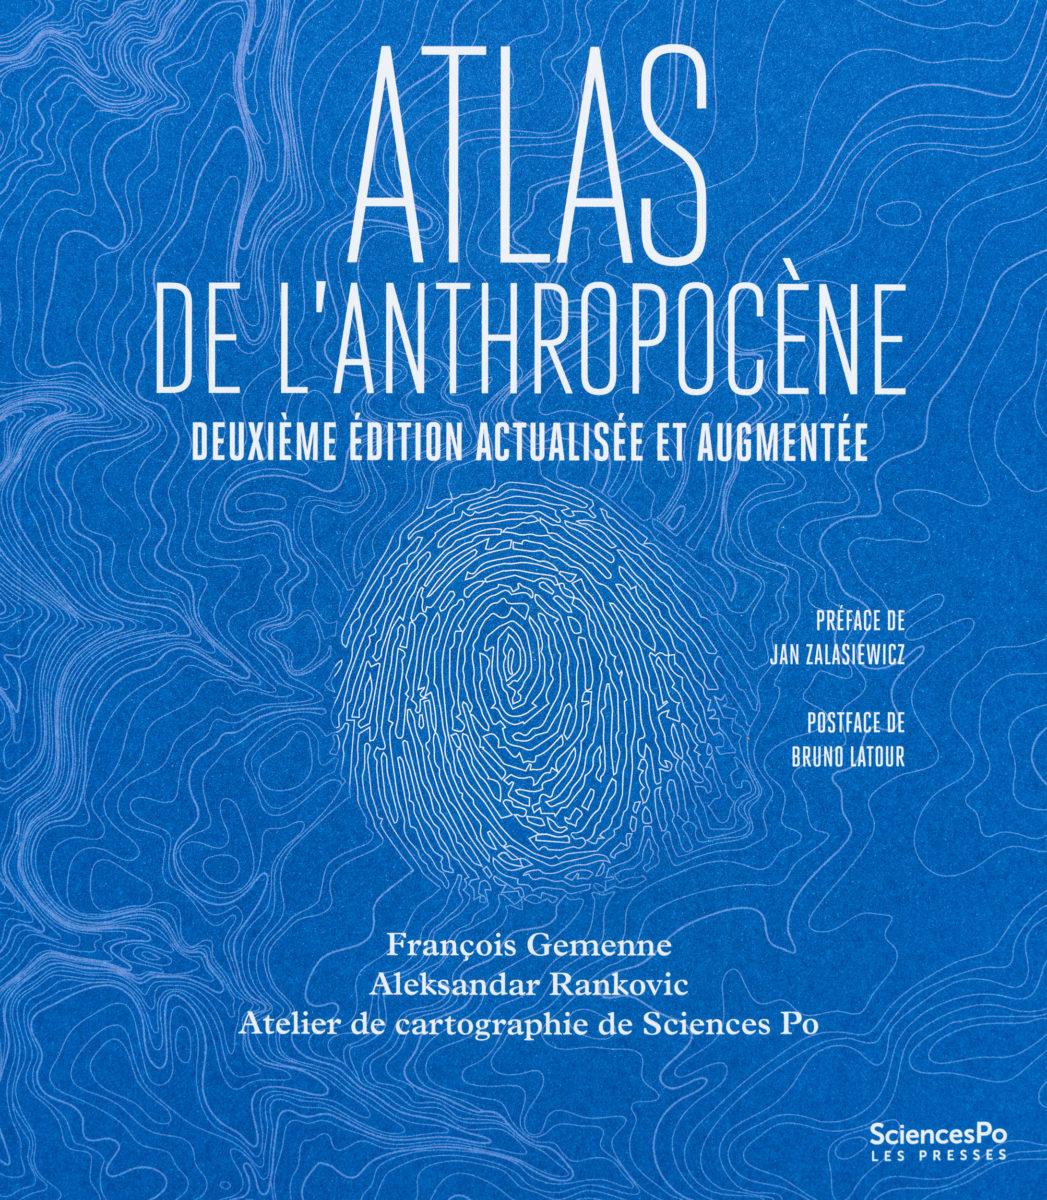 François Gemenne, Aleksandar Rankovic, Atelier de Cartographie de Sciences Po, Atlas de l'Antropocène - Deuxième édition actualisée et augmentée